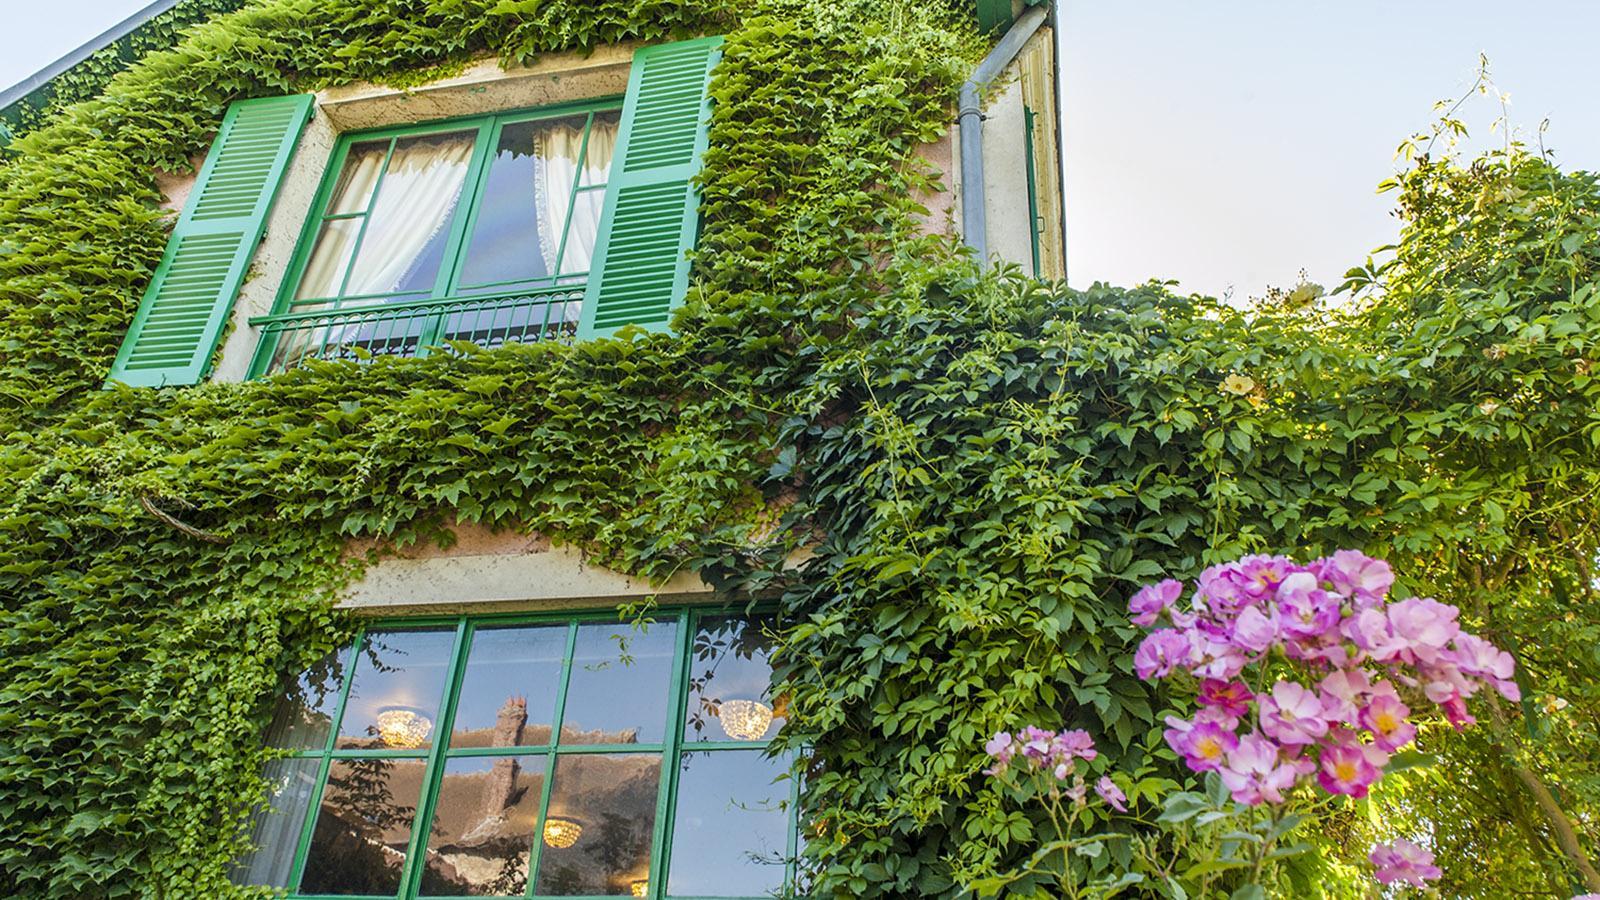 Das Haus von Monet ist von Efeu überwuchert. Foto: Hilke Maunder